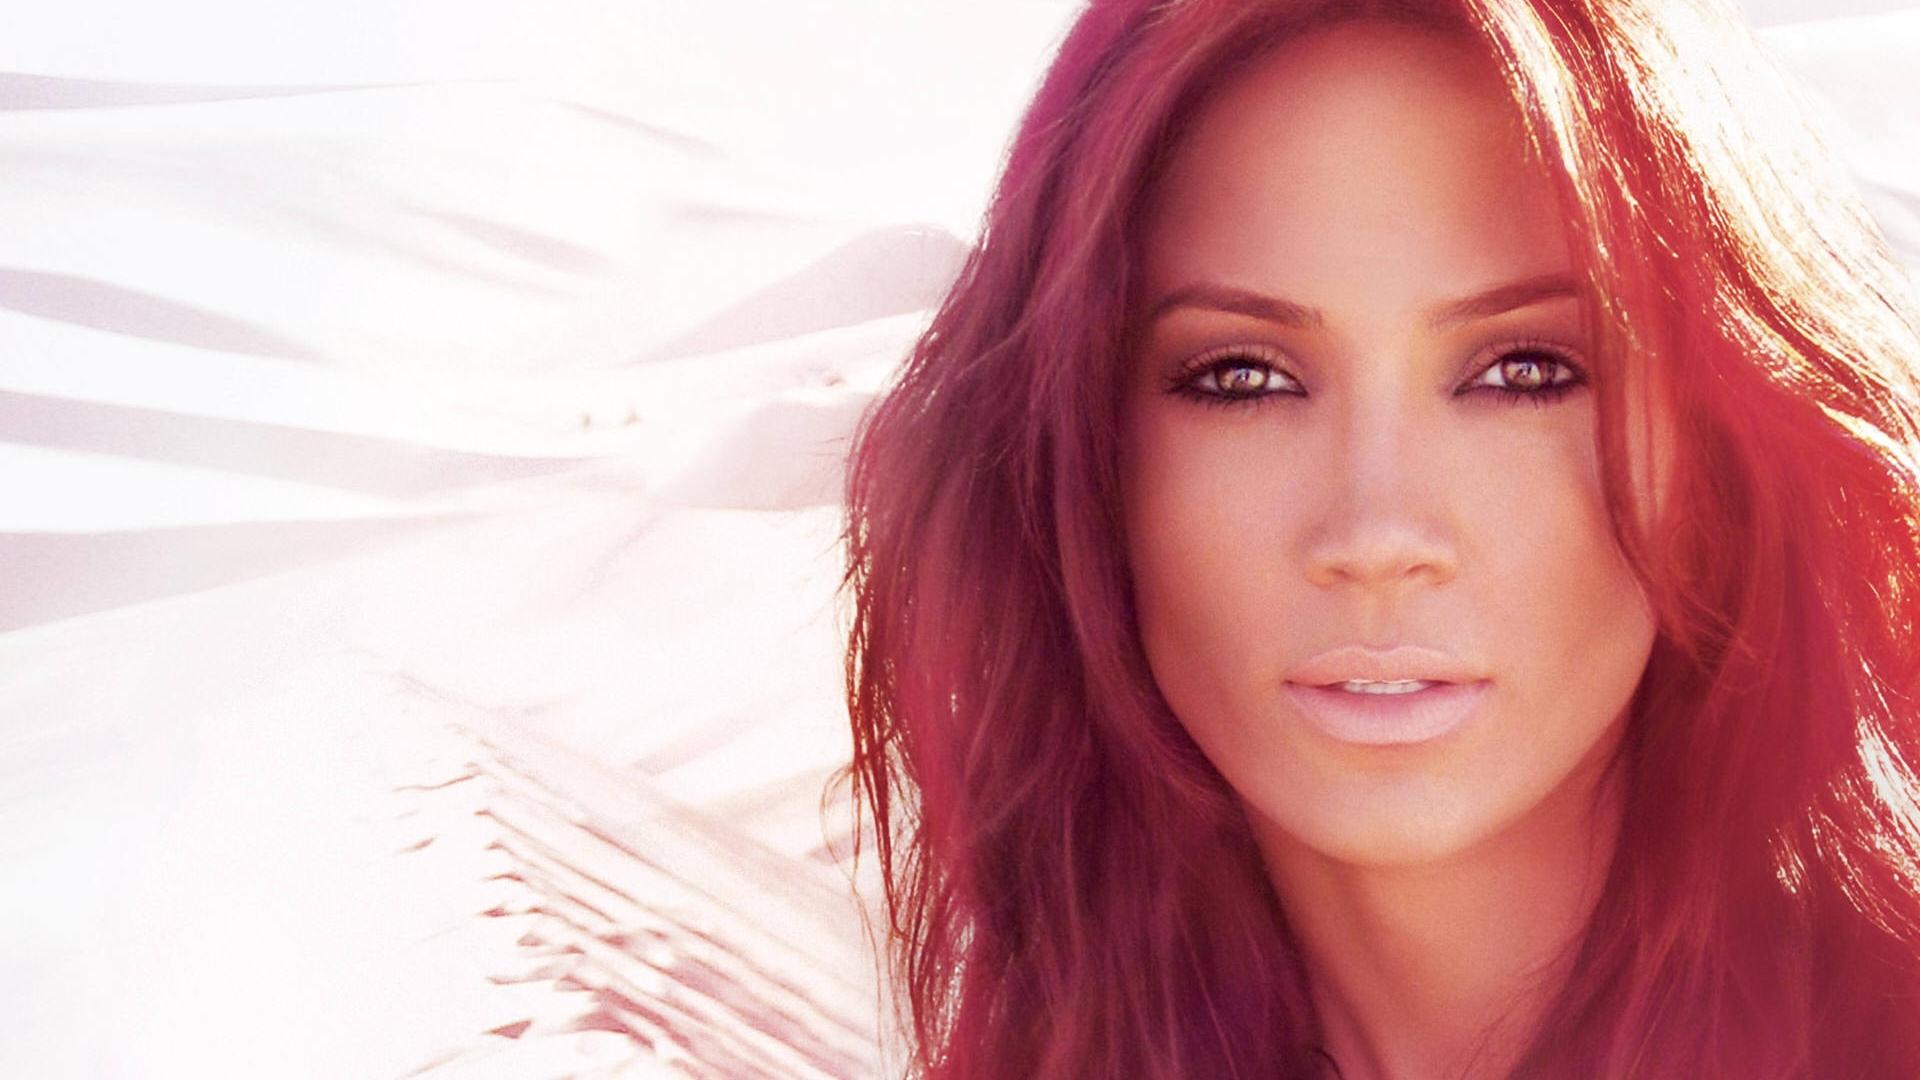 Jennifer Lopez Que Hiciste wallpaper   551292 1920x1080